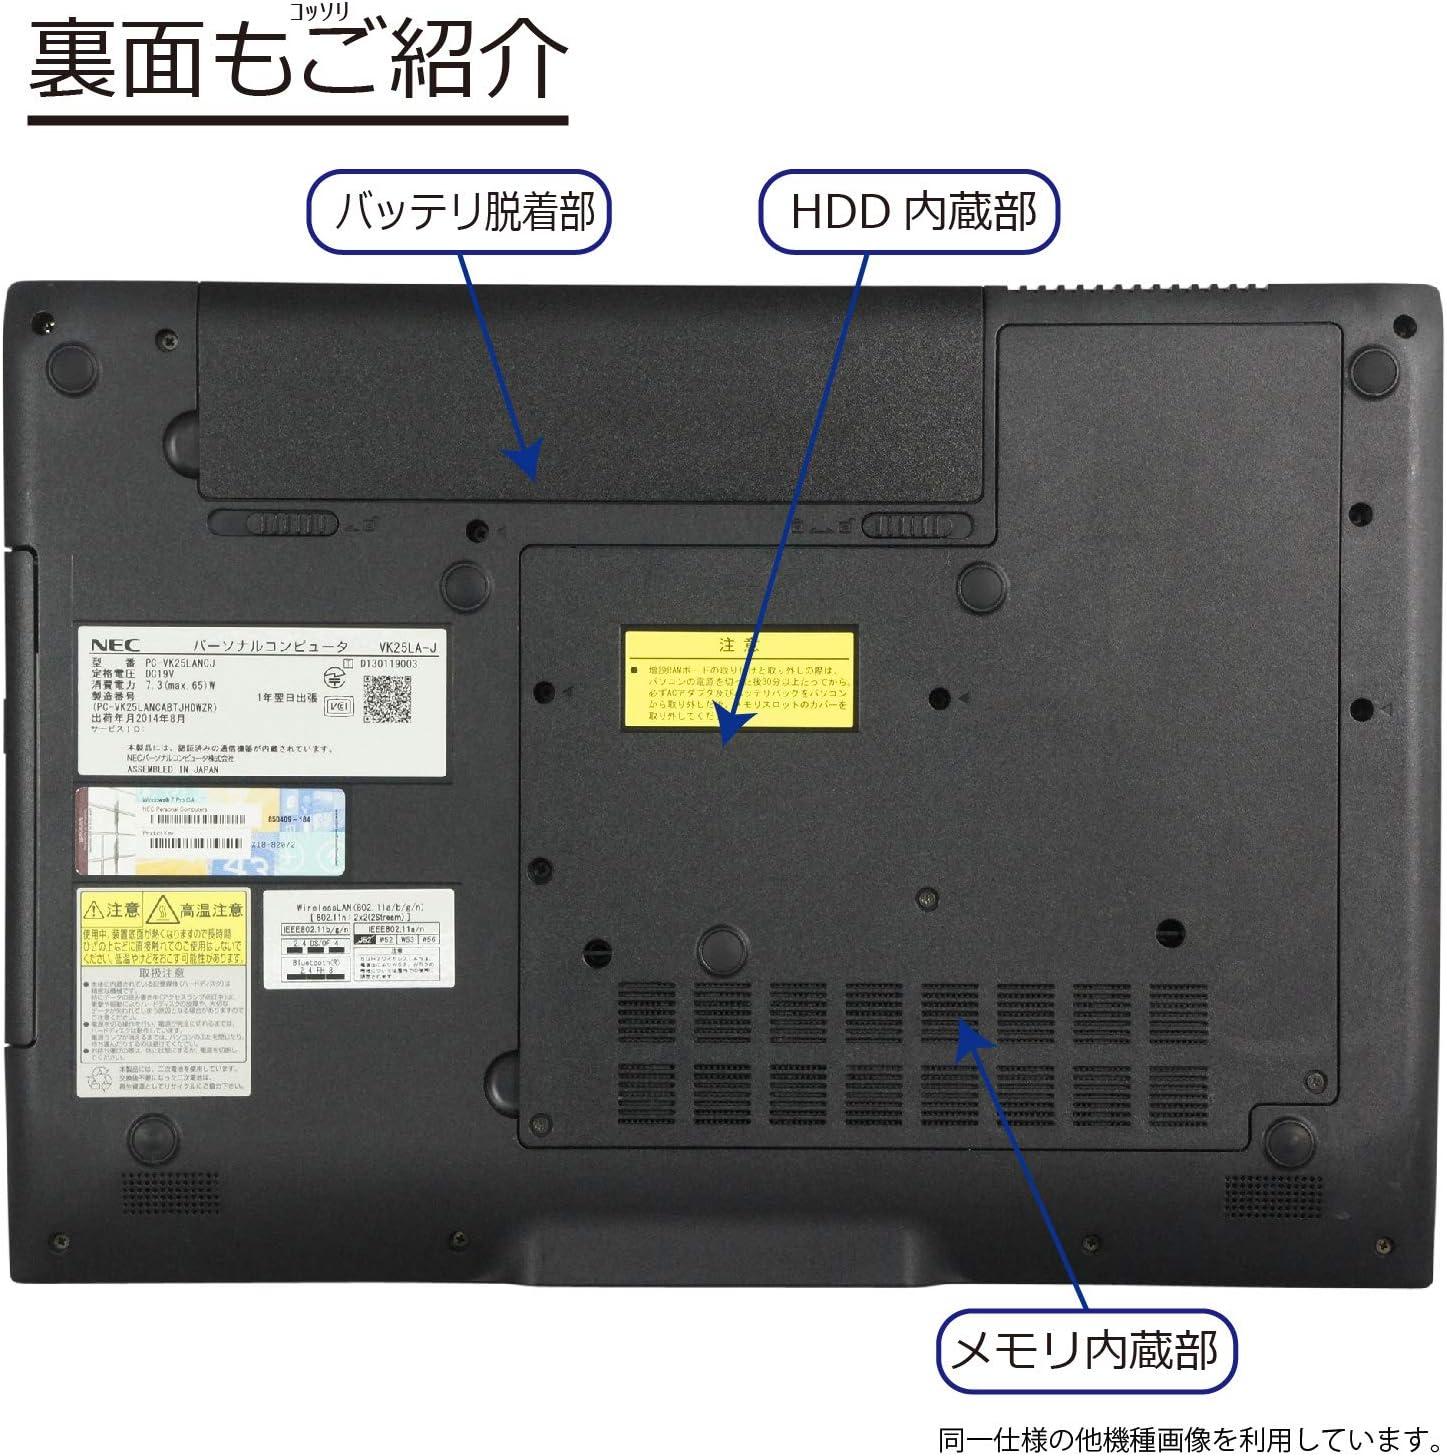 会社 nec パーソナル コンピュータ 株式